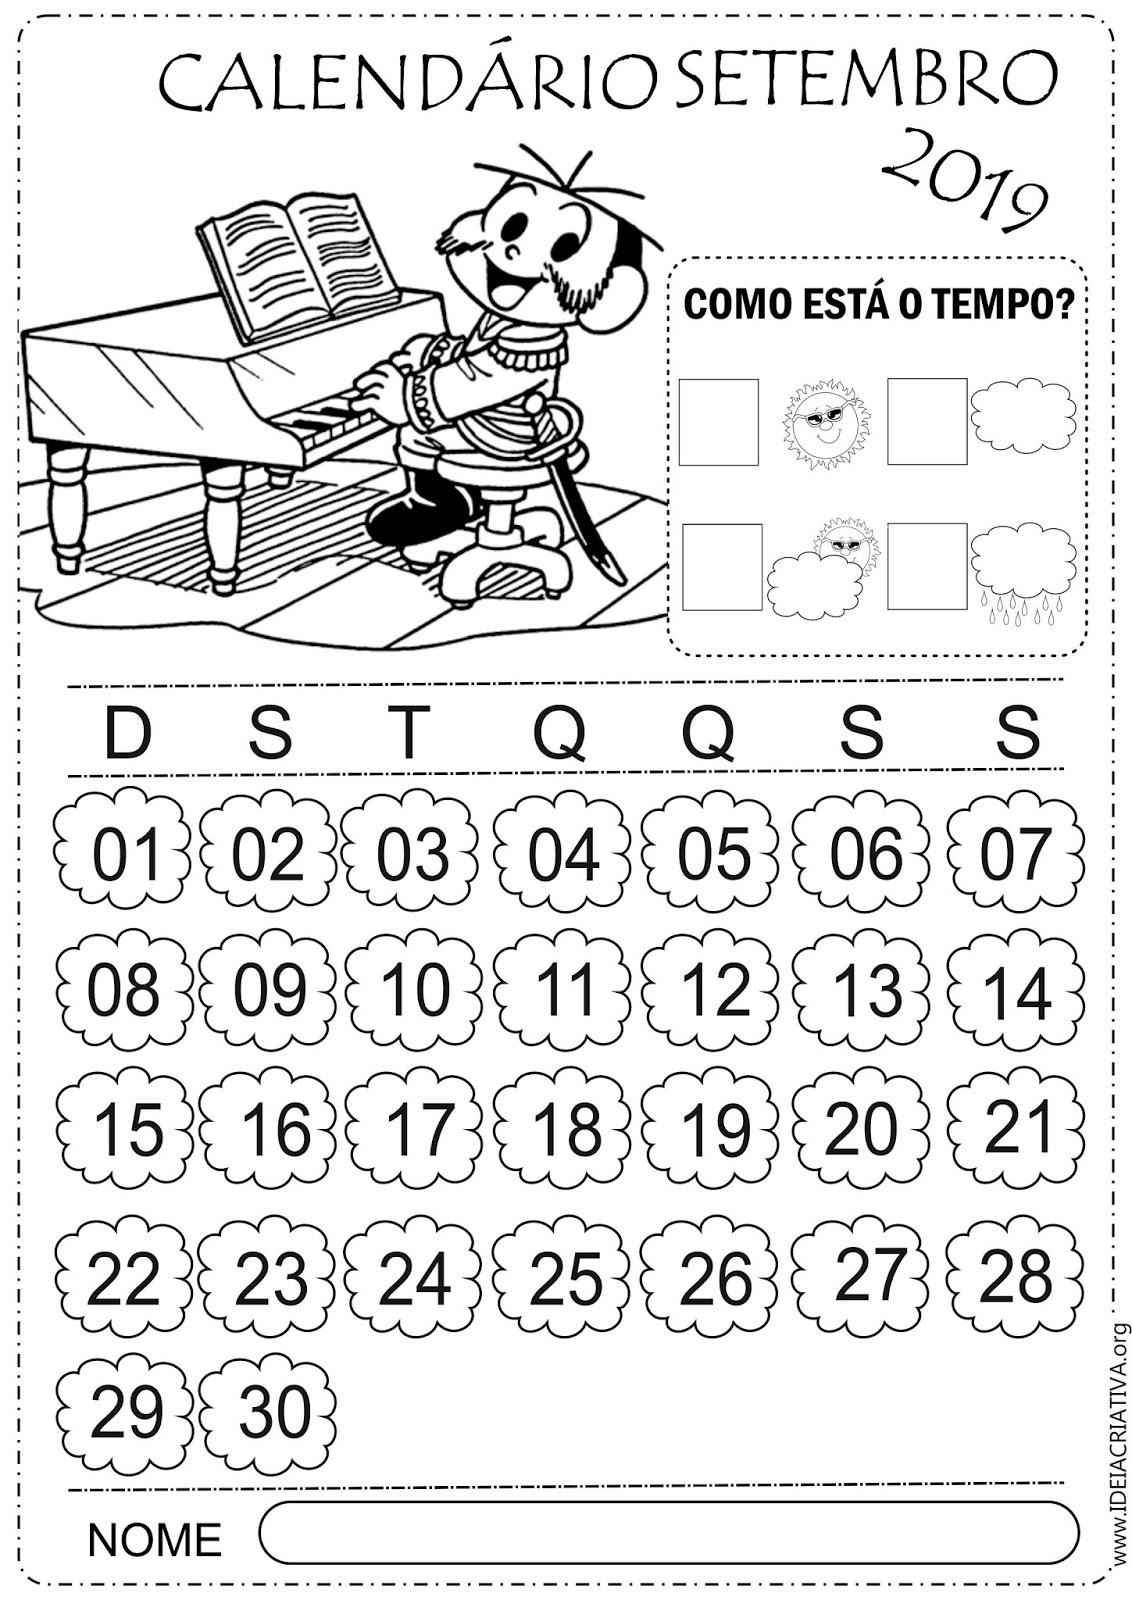 Calendário Setembro 2019 Turma da Mônica para imprimir e